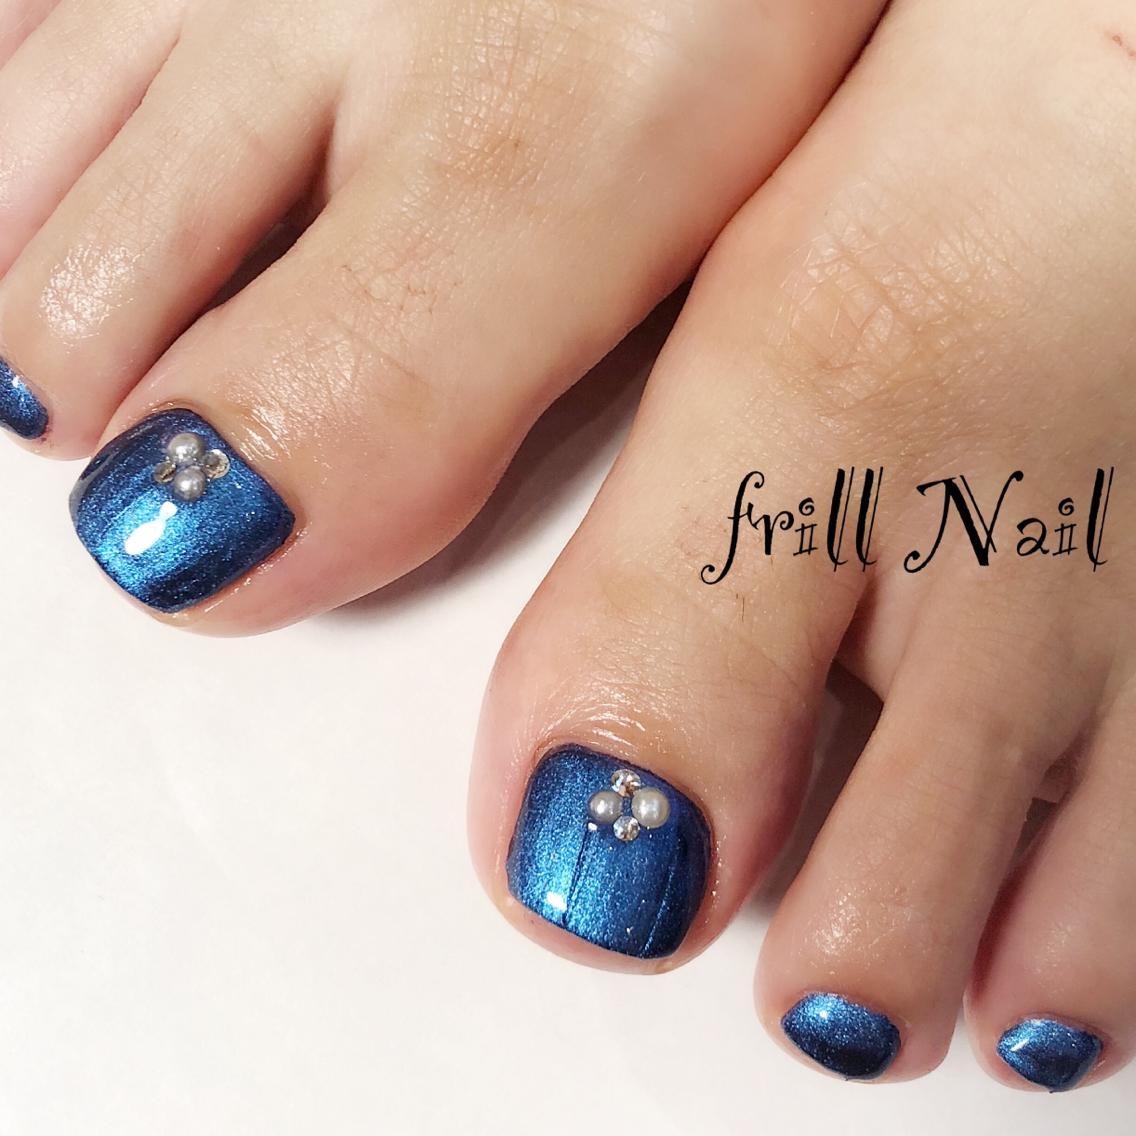 ネイル *お客様nail* メタリックブルーがかっこよく輝きを放ちます